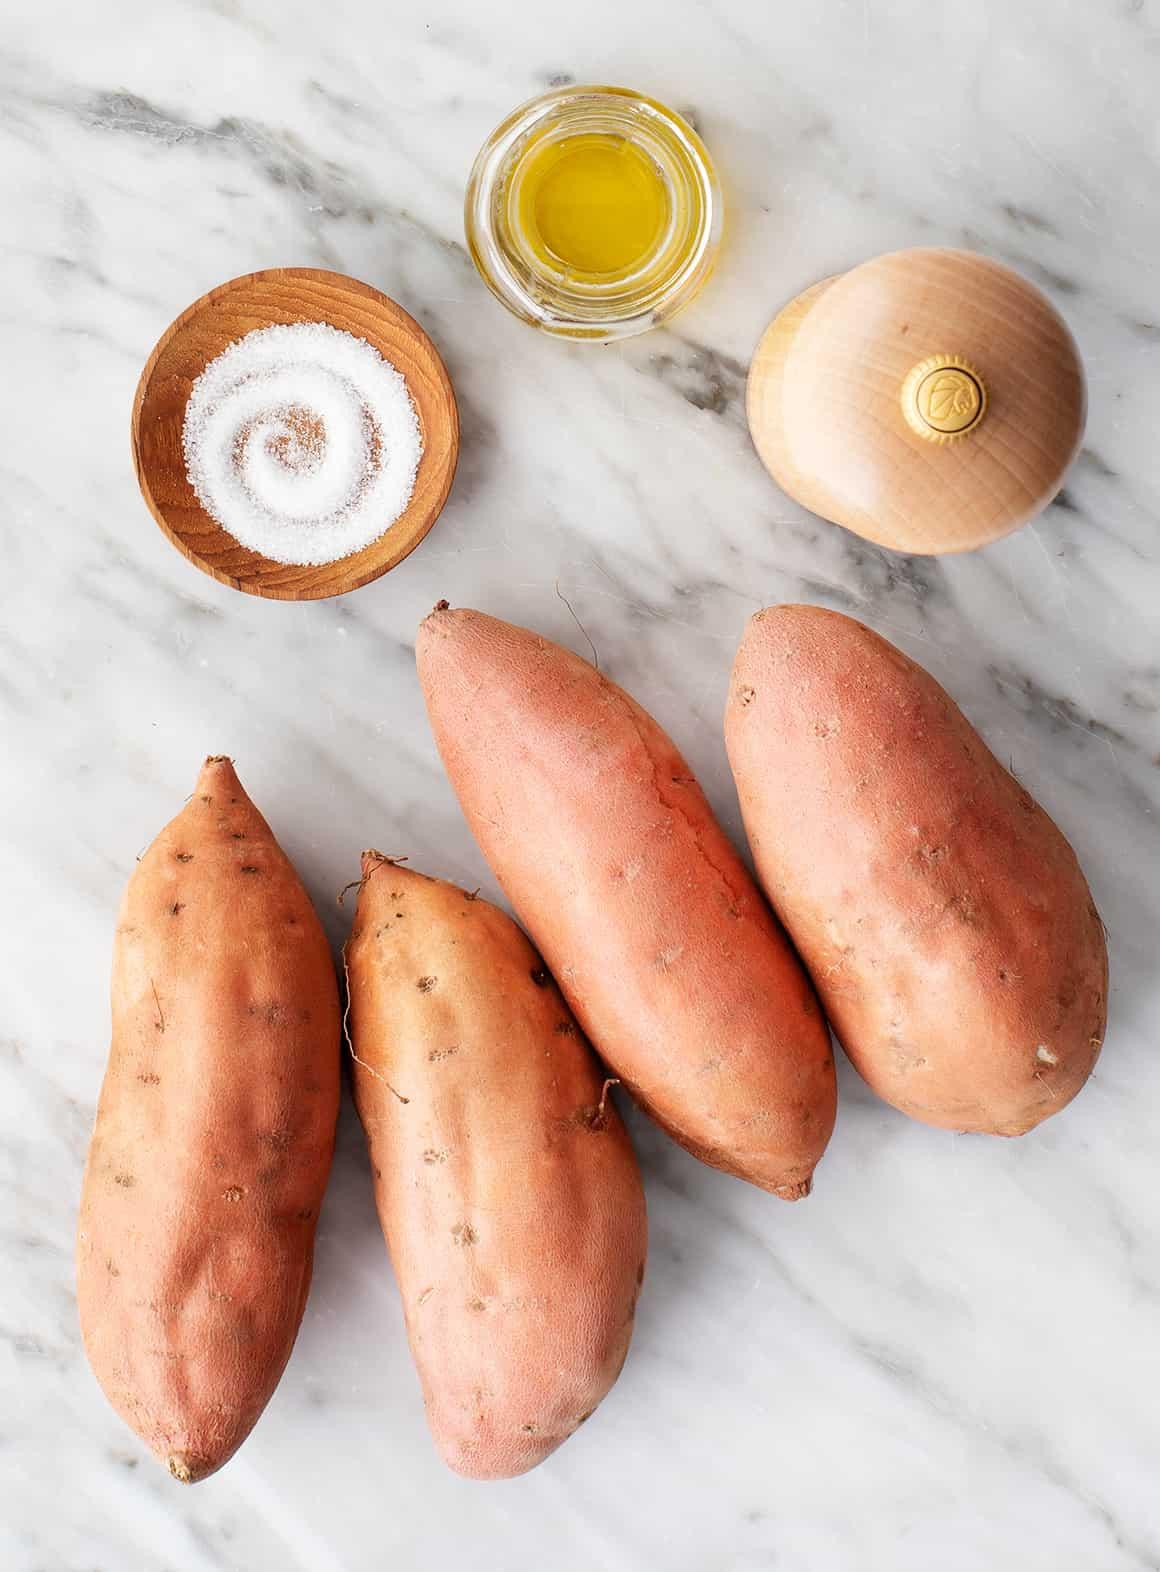 Roasted sweet potato recipe ingredients